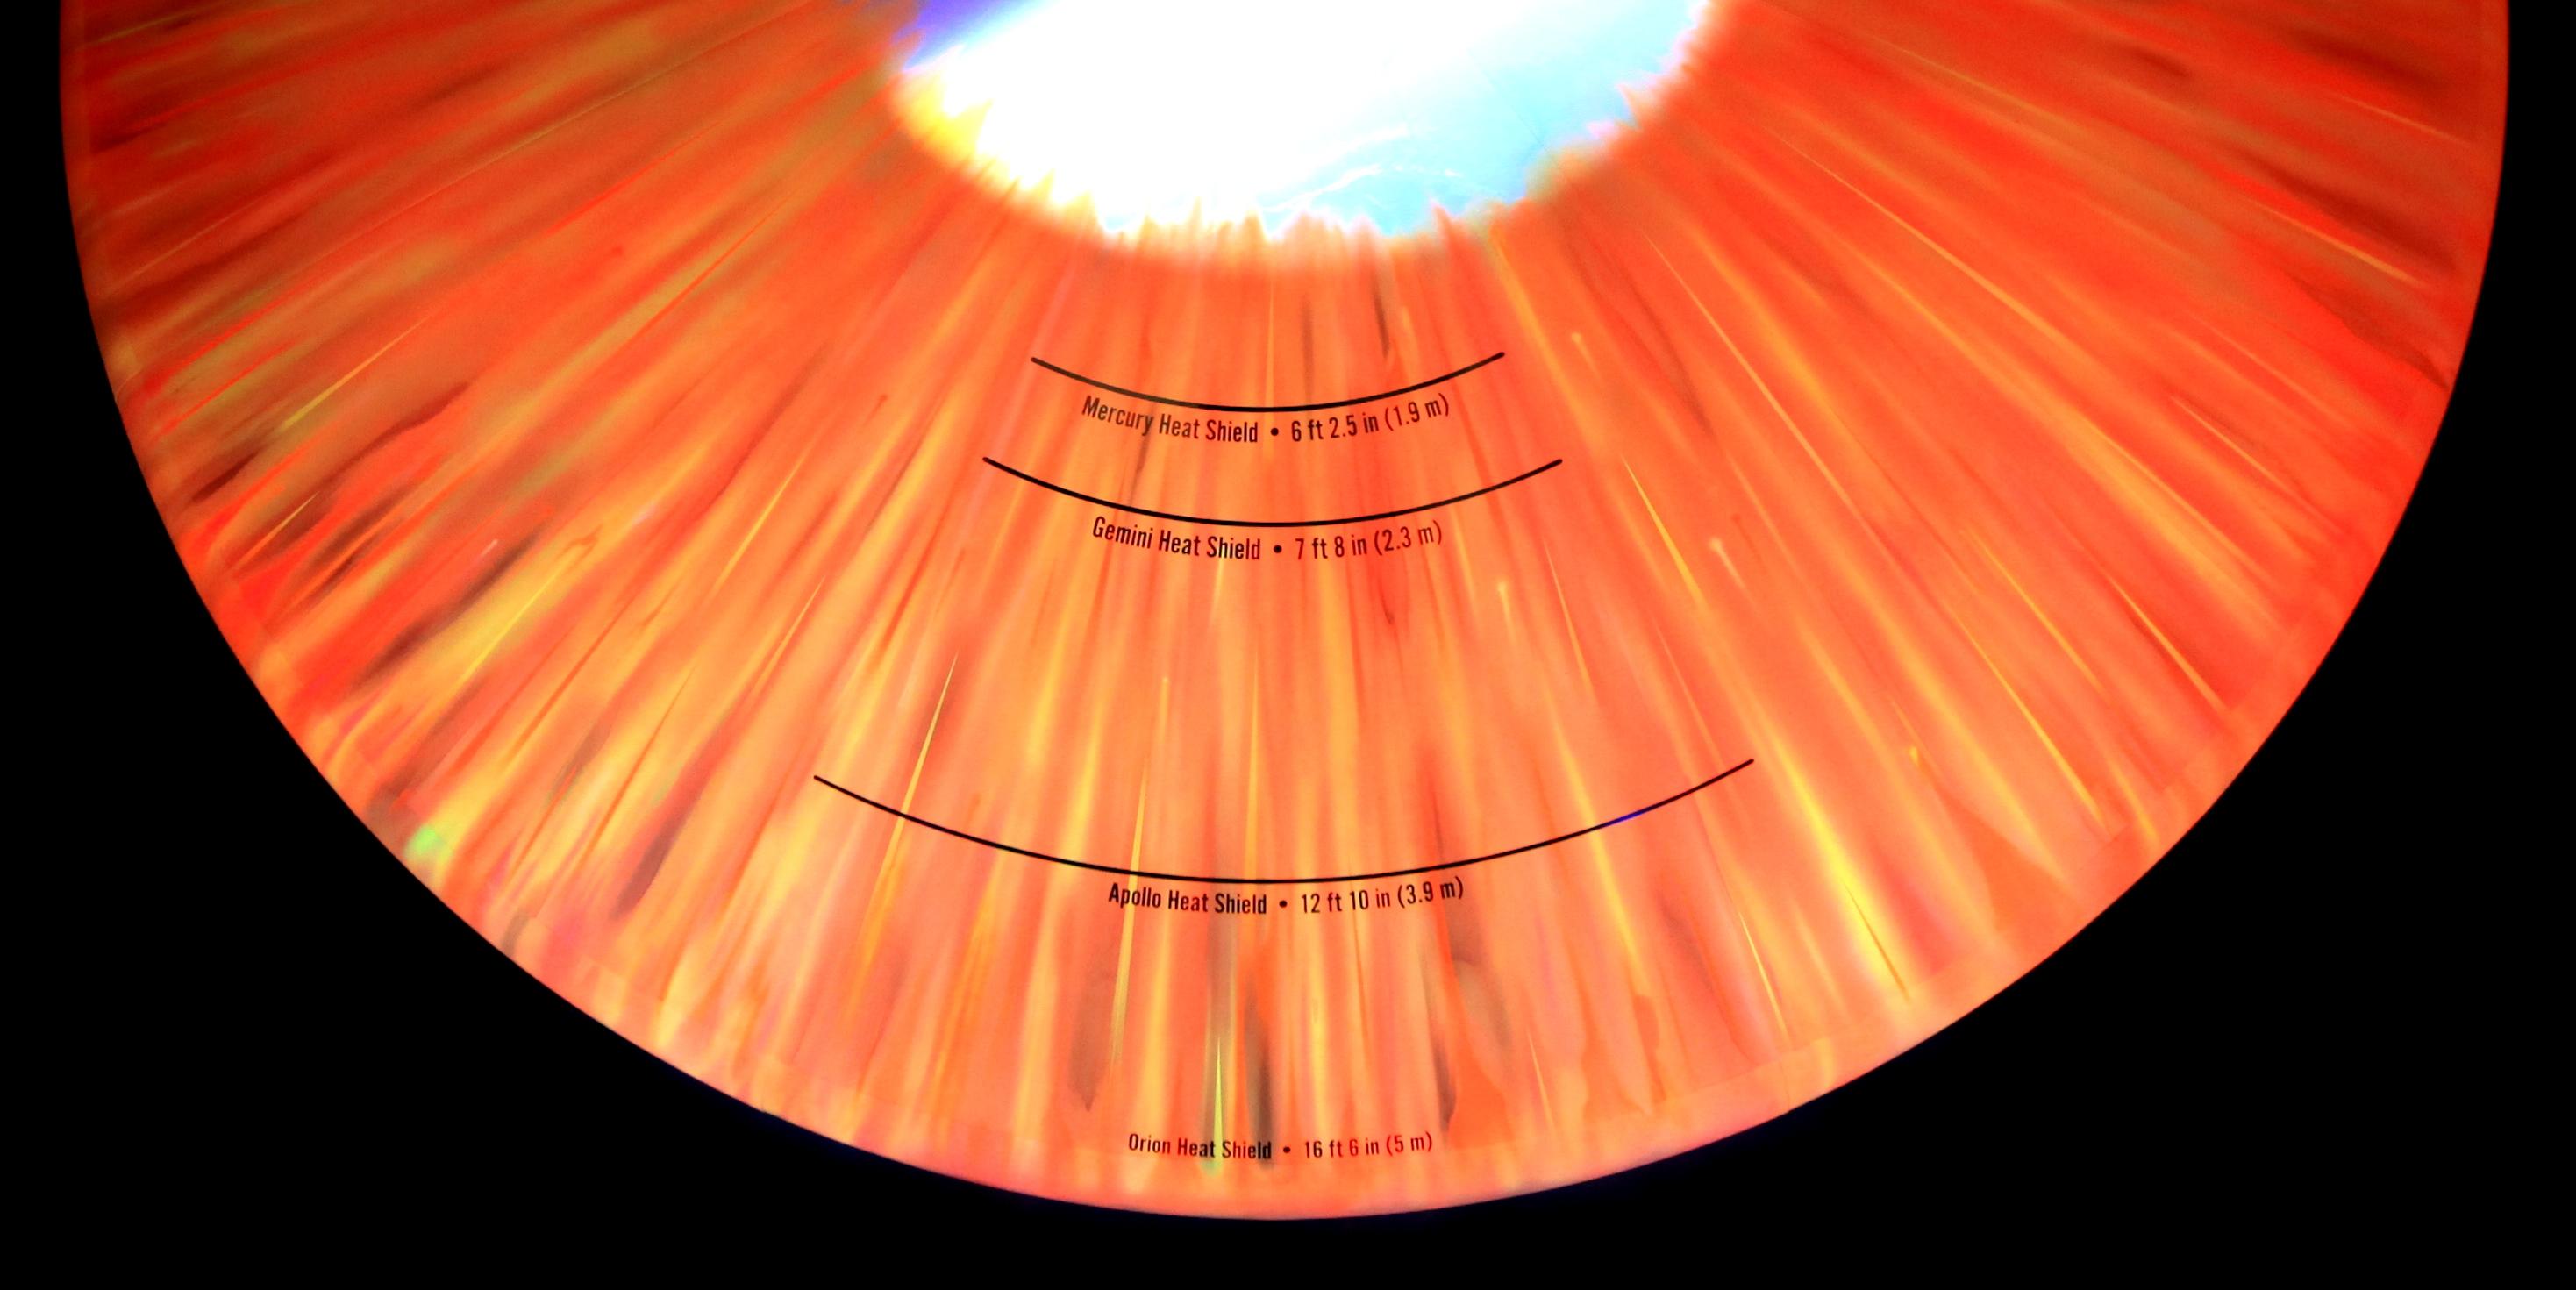 Kennedy Visitor Complex Unveils Orion Heat Shield Exhibit ...